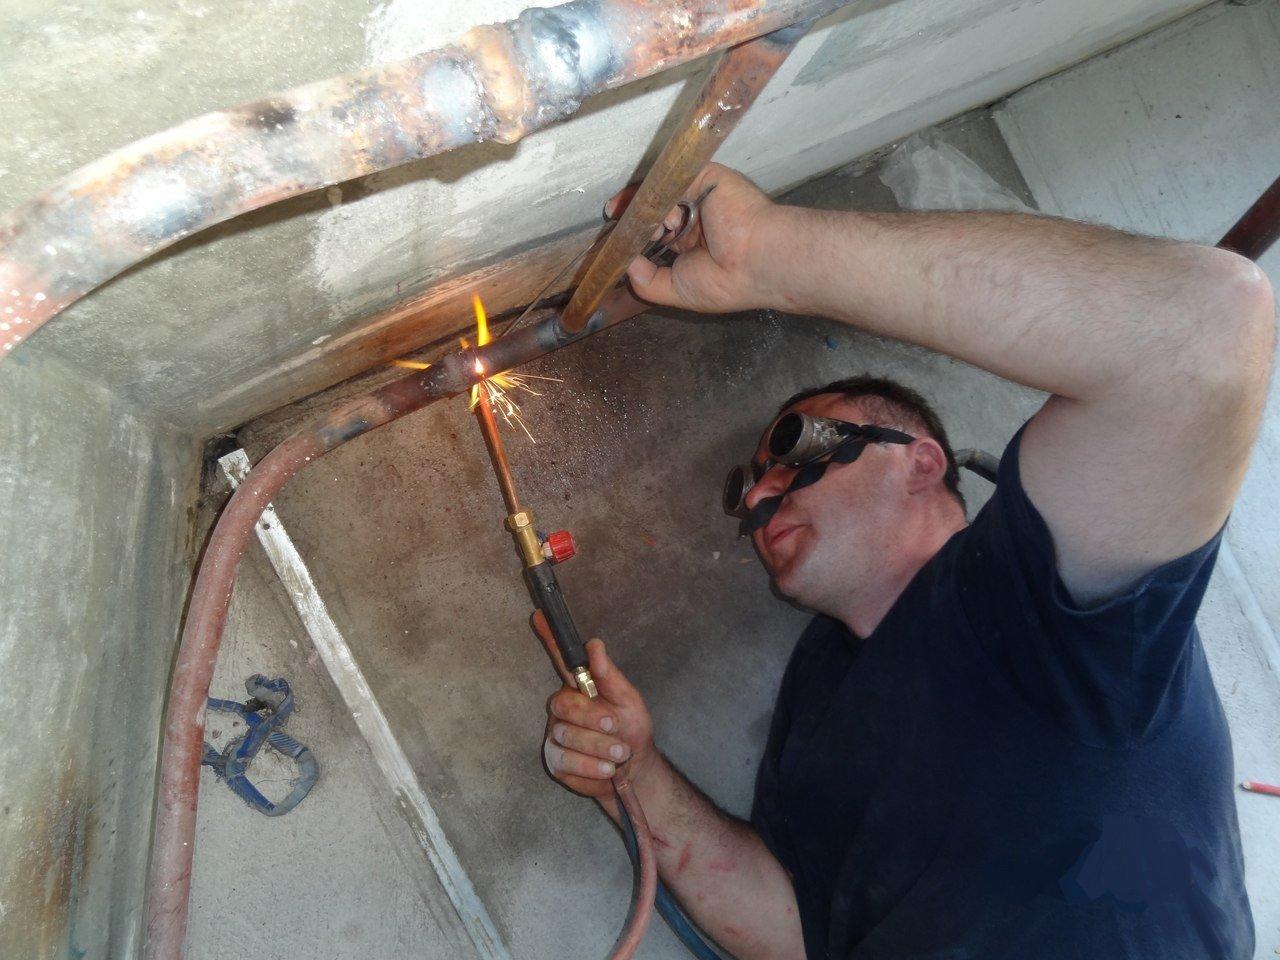 Как происходит замена батарей на газосварке – теория и практика. делаем правильно: замена батарей газосваркой замена радиаторов отопления с газосваркой